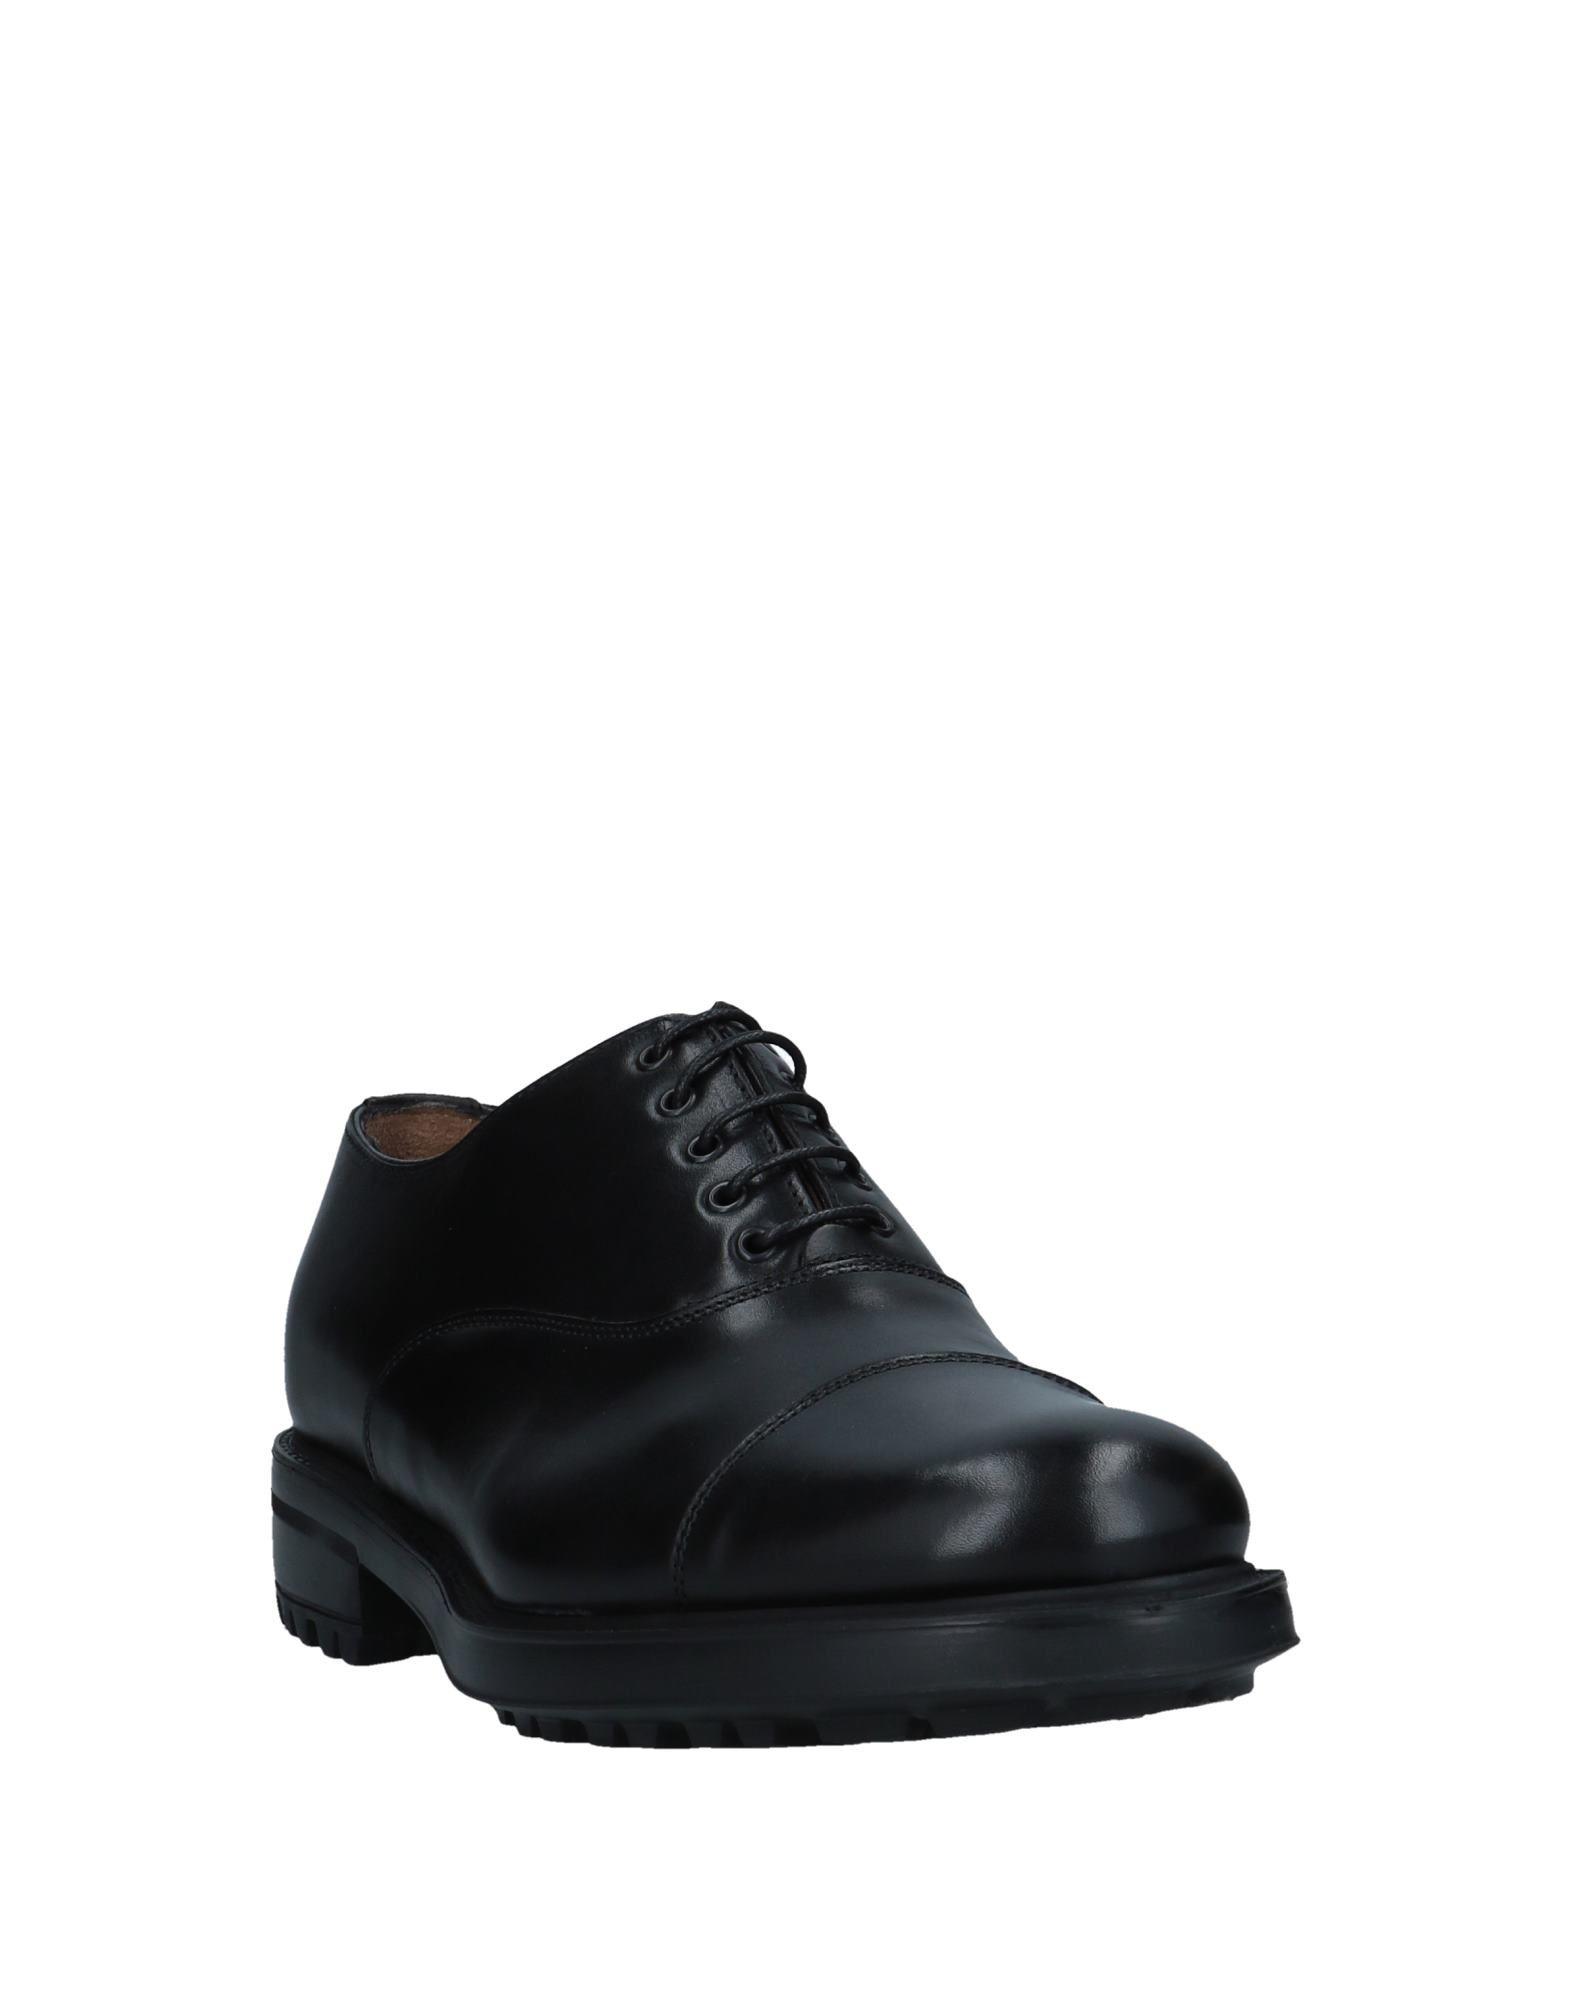 Rabatt echte  Schuhe Baldinini Schnürschuhe Herren  echte 11554806VR 2d7efd